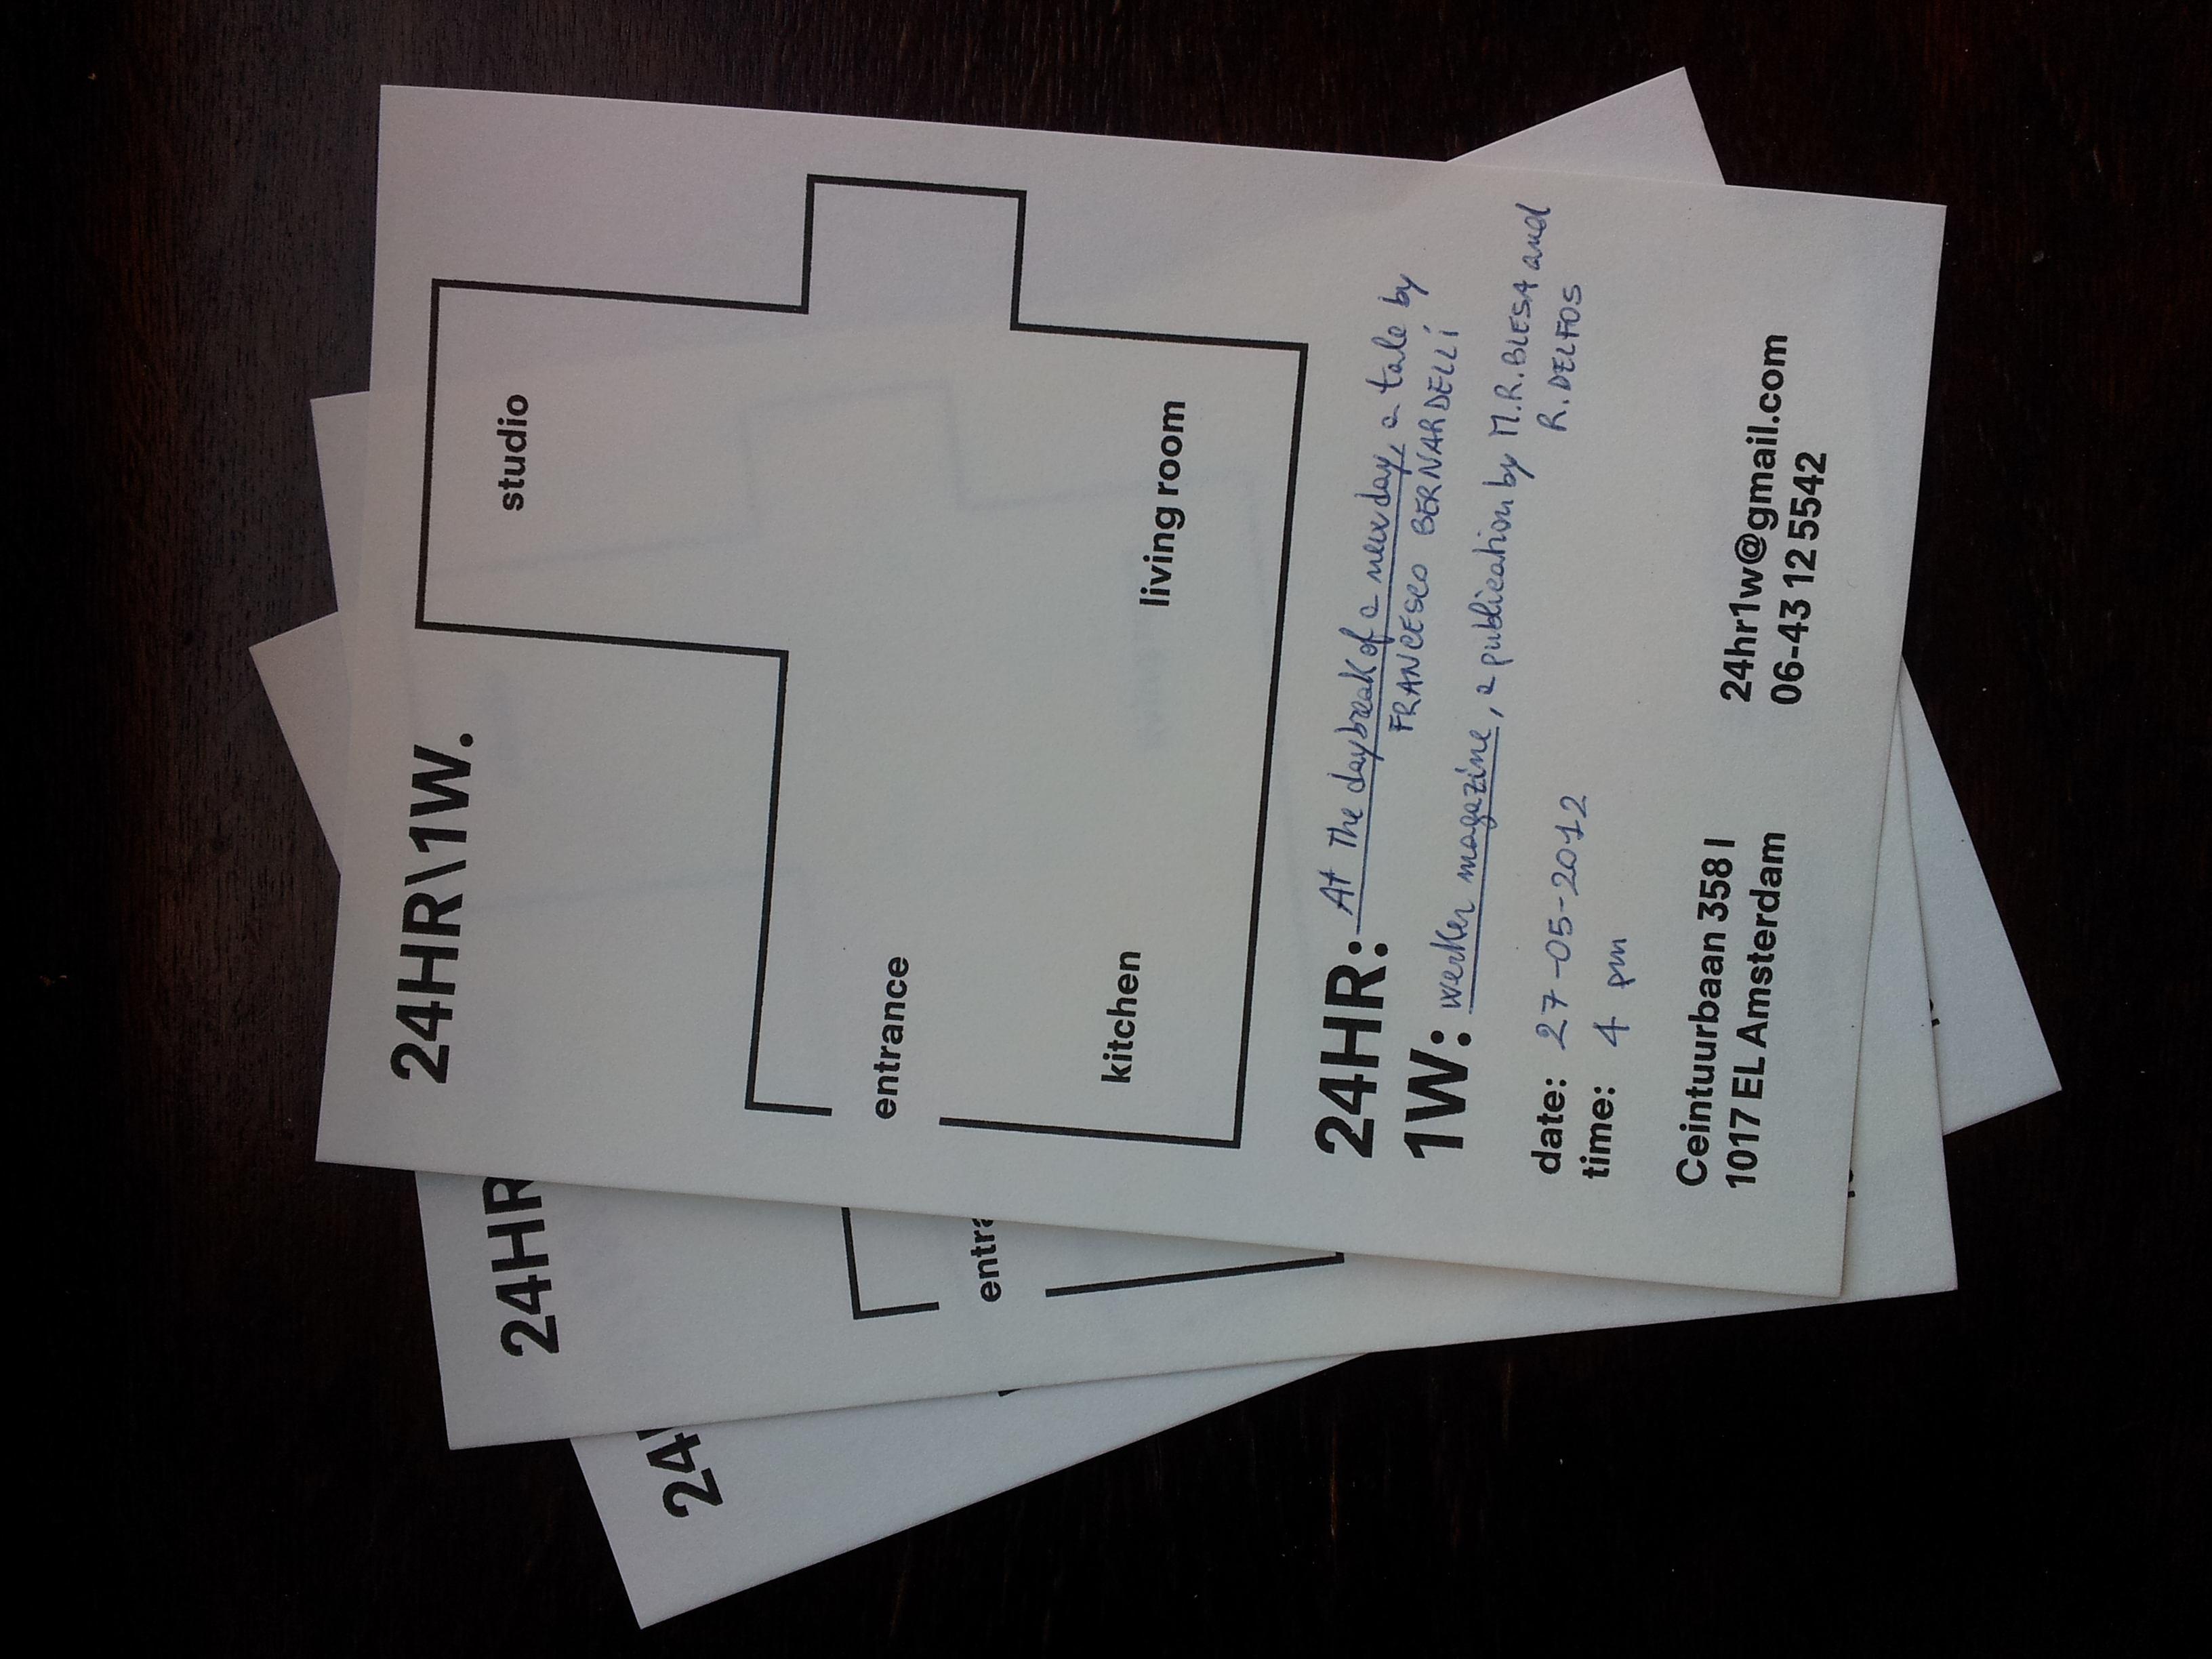 Invitation cards. Design by: Karen Willey